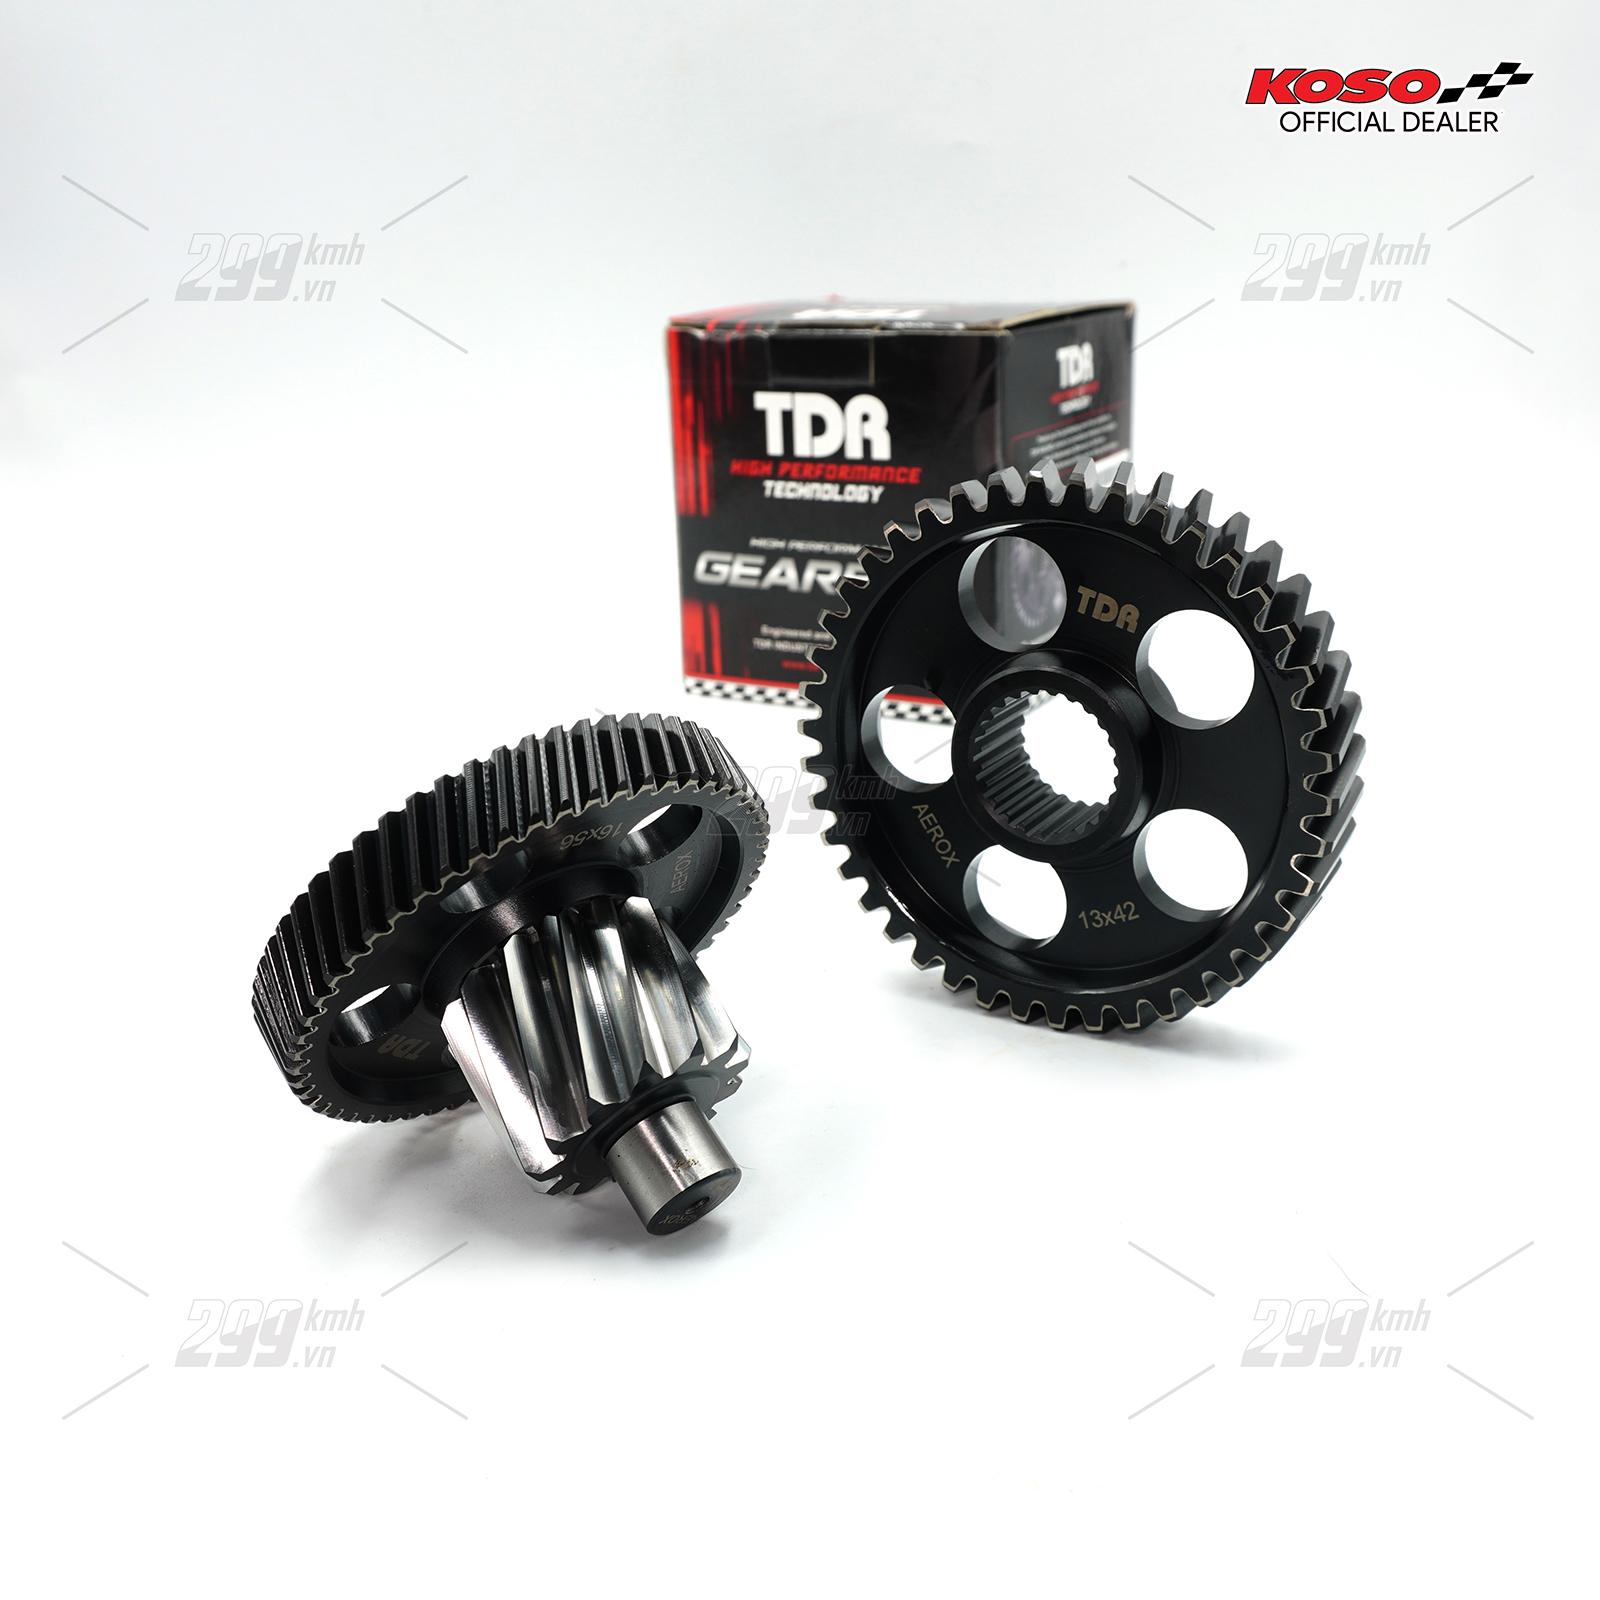 [NVX] Bộ nhông lap đấu TDR Racing cho Yamaha NVX